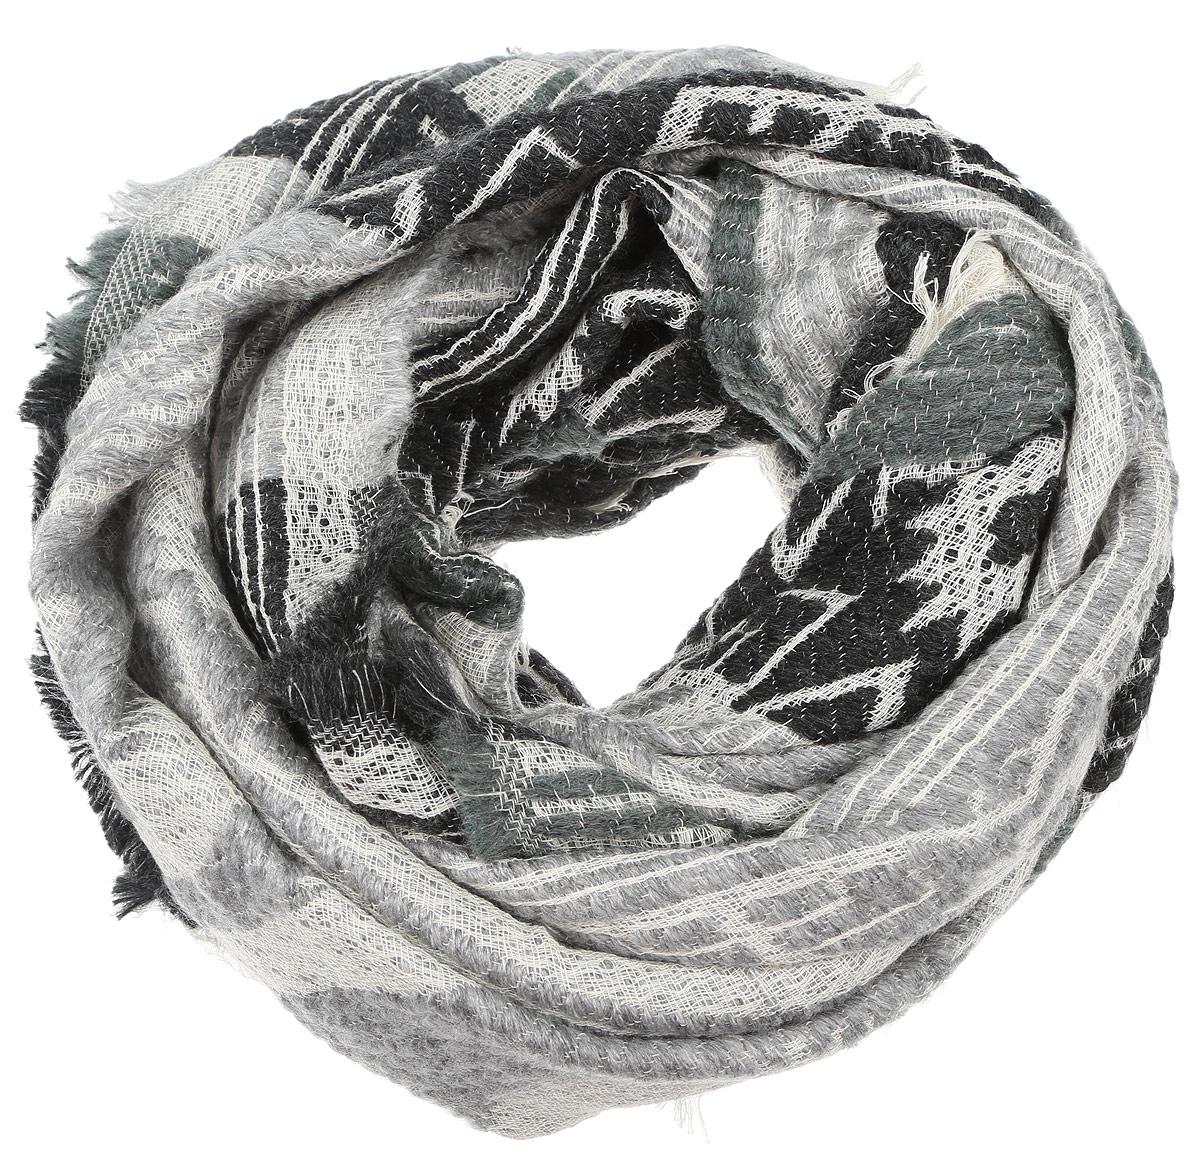 ПалантинIS-21601-4Элегантный палантин Paccia изготовлен из сочетания высококачественной шерсти и хлопка. Мягкая и теплая модель оформлена вязкой с узорами и дополнена тонкой бахромой по краю. Палантин красиво драпируется, он превосходно дополнит любой наряд и подчеркнет ваш изысканный вкус.